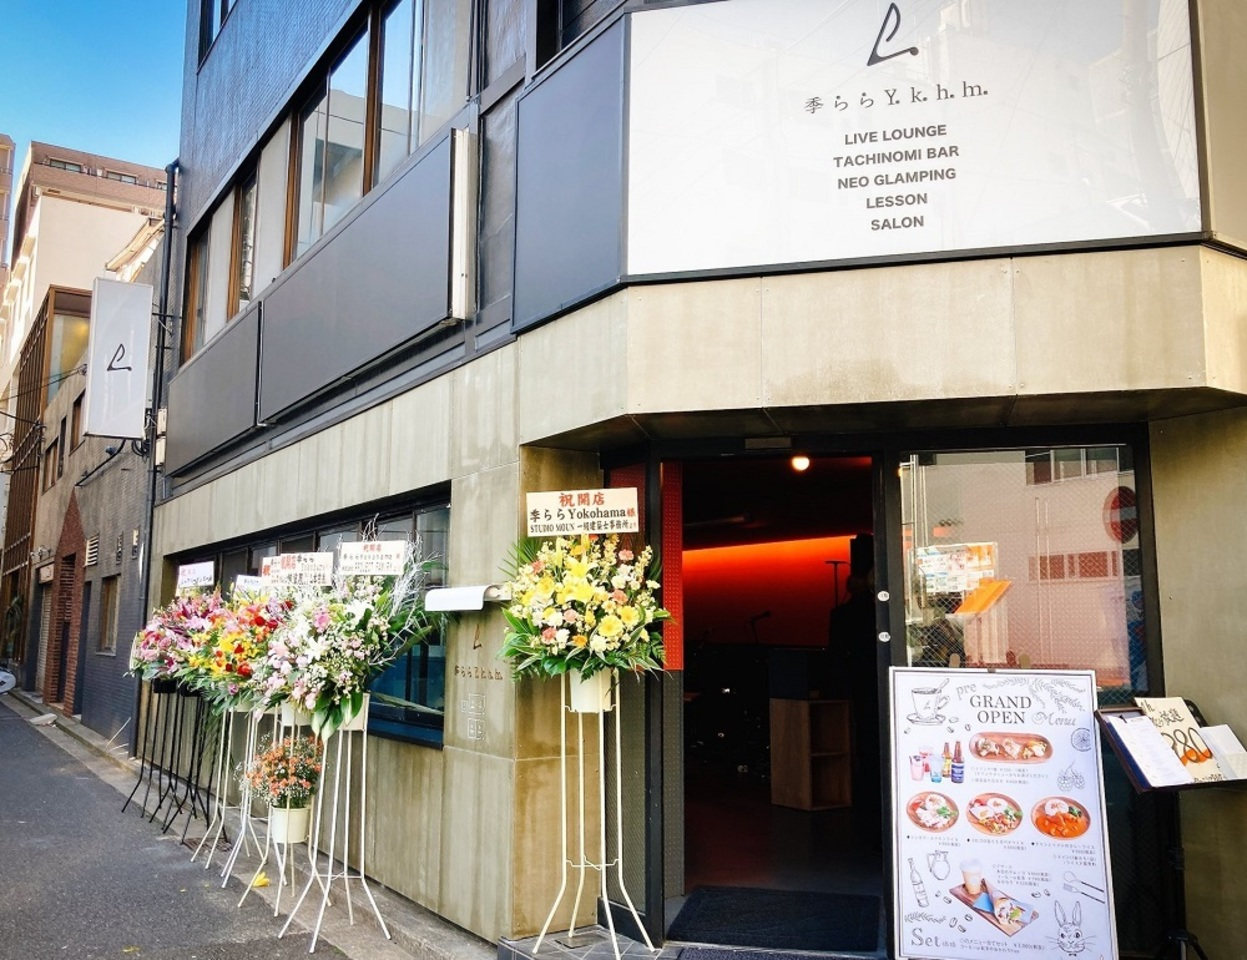 祝!1/30open『季ららYokohama』ライブラウンジとカフェ&バー(神奈川県横浜市中区)